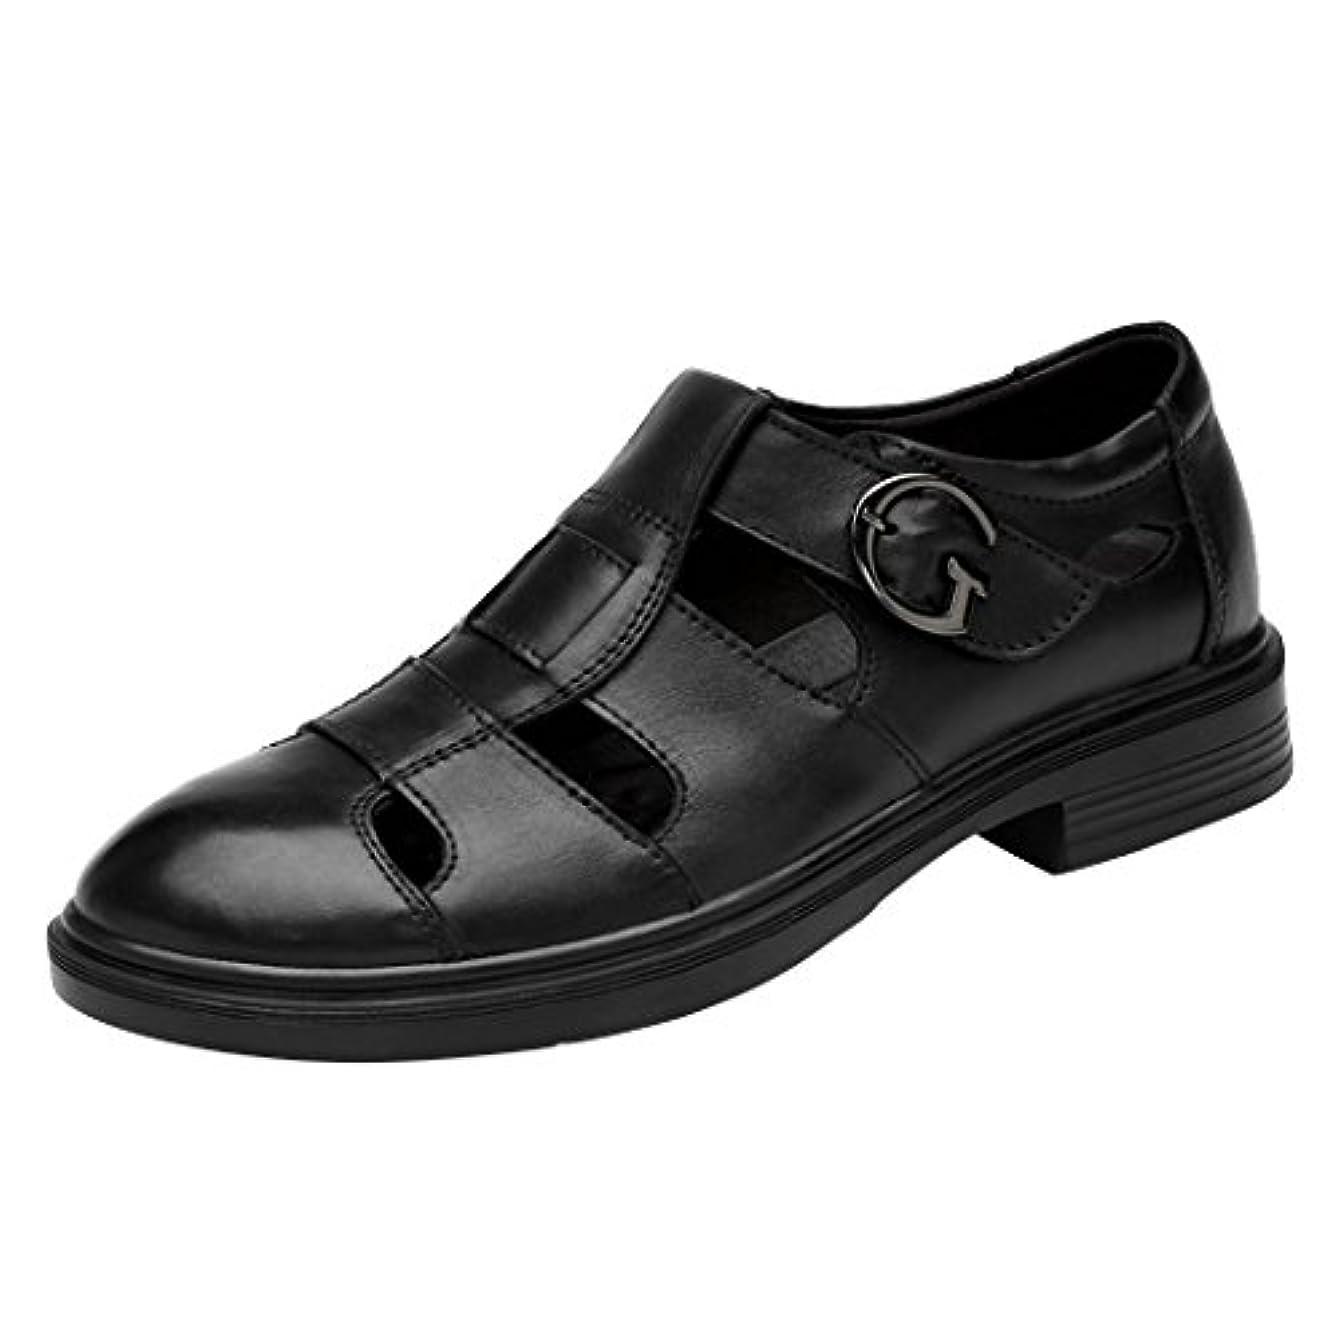 皮肉誰もバストLANSI(レンシー)メンズ カジュアルシューズ 本革 スリッポン レザーサンダル ビジネス オフィス ウォーキング ベルクロ 革靴 通気性 紳士靴